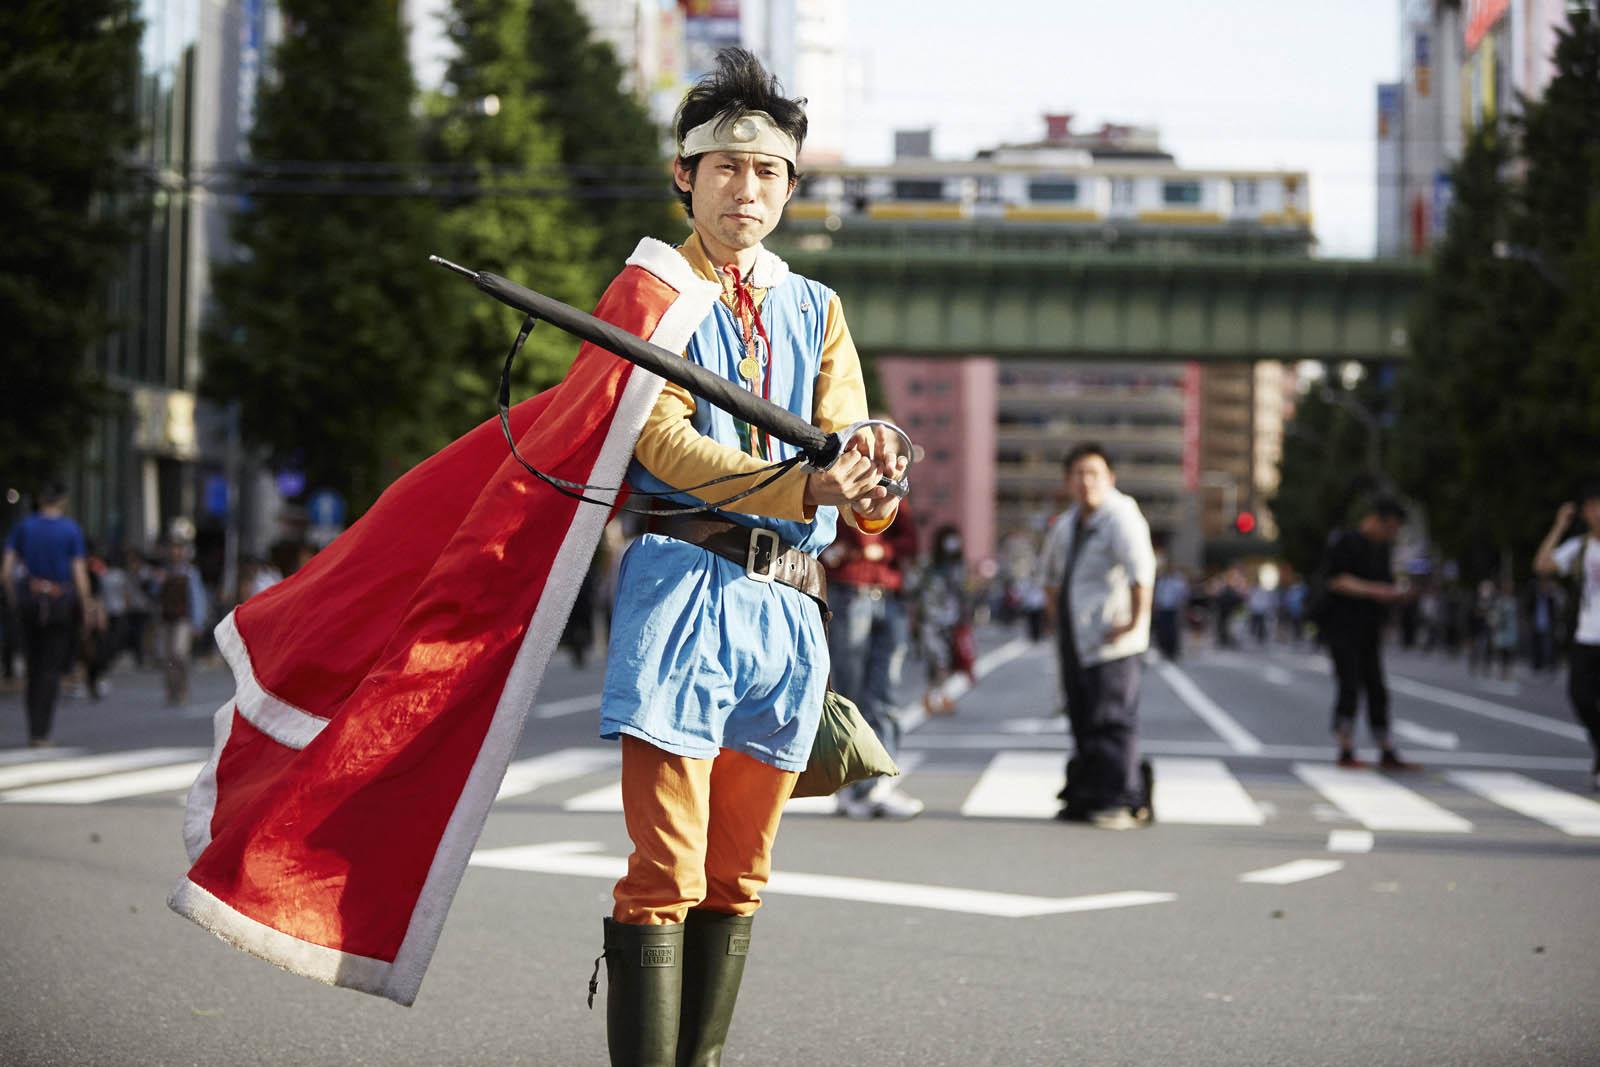 Mann in Fantasie Kostüm